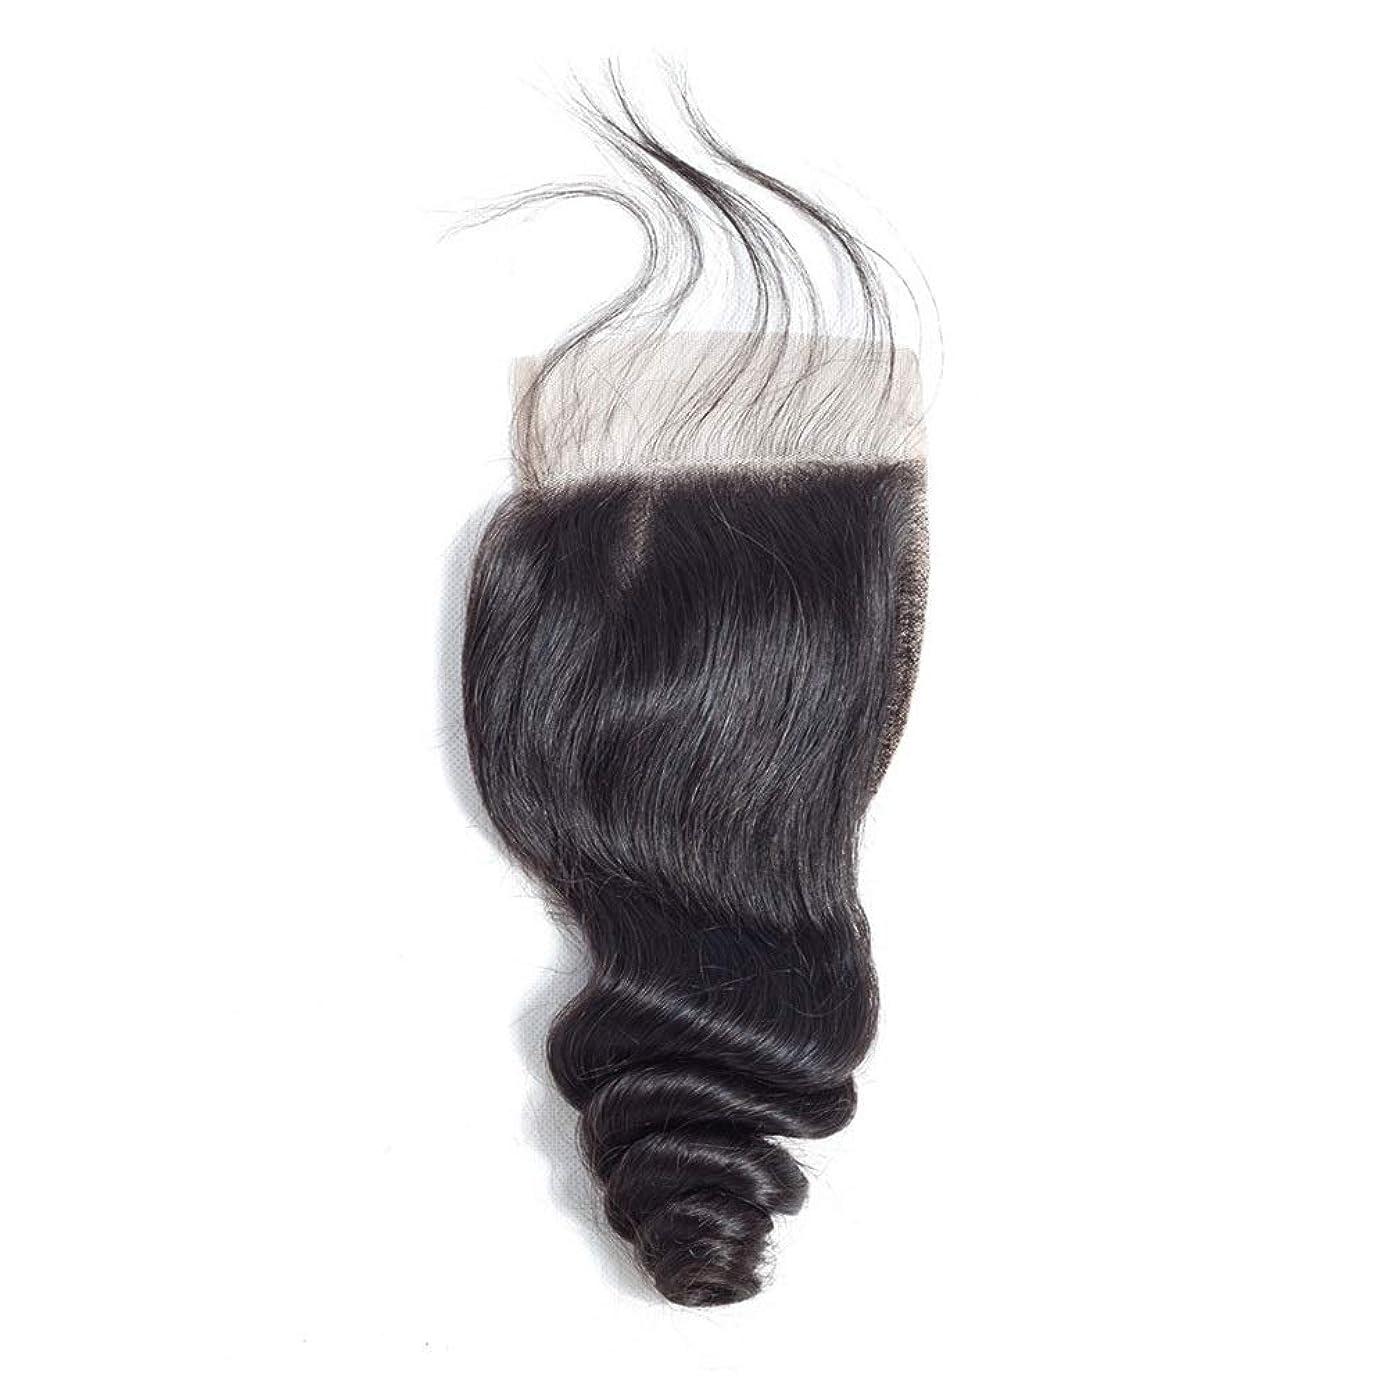 政治家の抑制するパフYESONEEP フリーパート4 * 4レース前頭閉鎖ブラジルルースウェーブ人間の髪の毛の閉鎖(8インチ-20インチ)長い巻き毛のかつら (色 : 黒, サイズ : 20 inch)